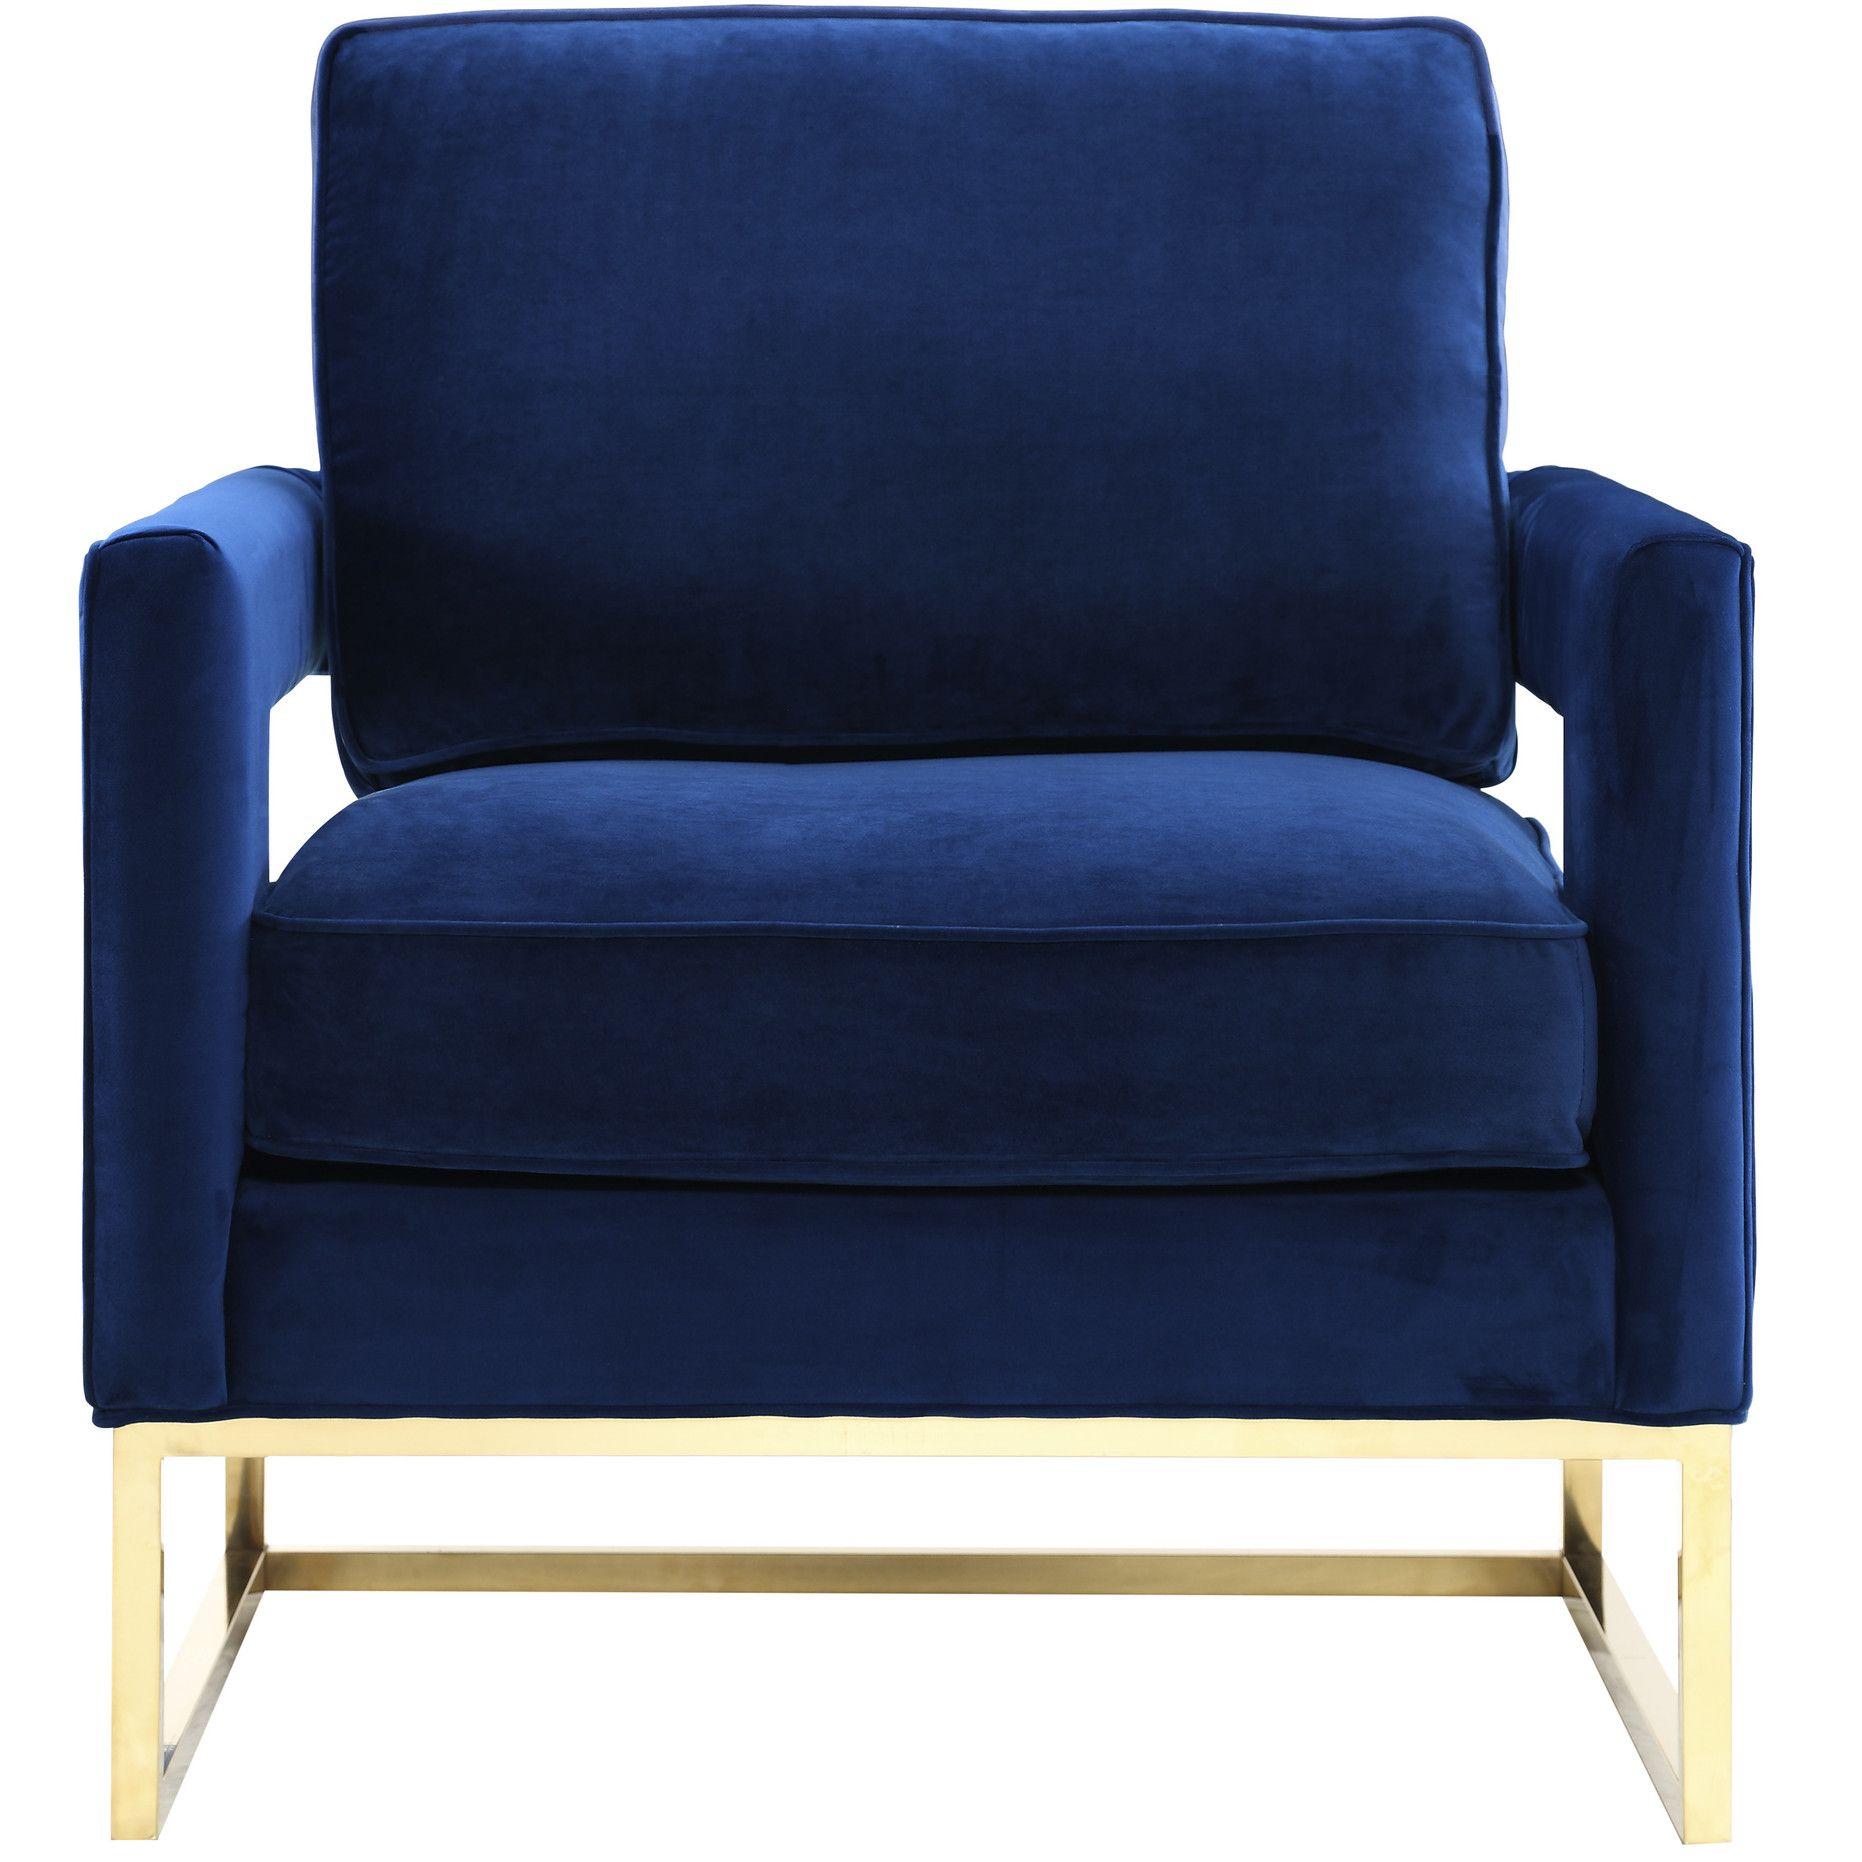 Customer Image Zoomed Velvet chair, Armchair, Navy